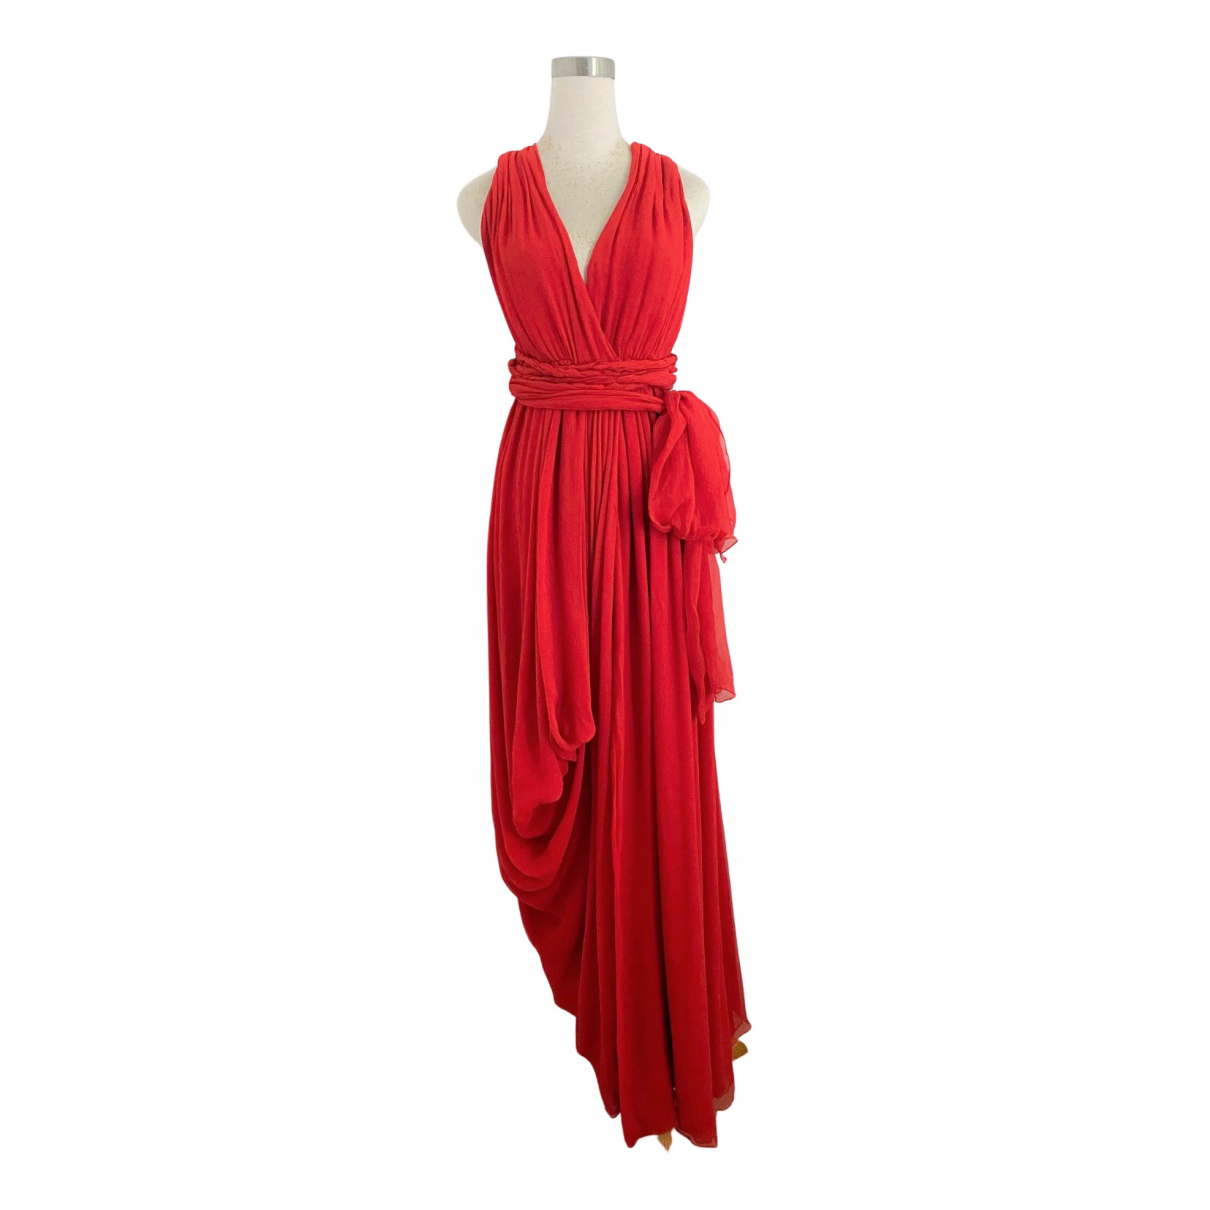 Yves Saint Laurent - Robe   pour femme en soie - rouge